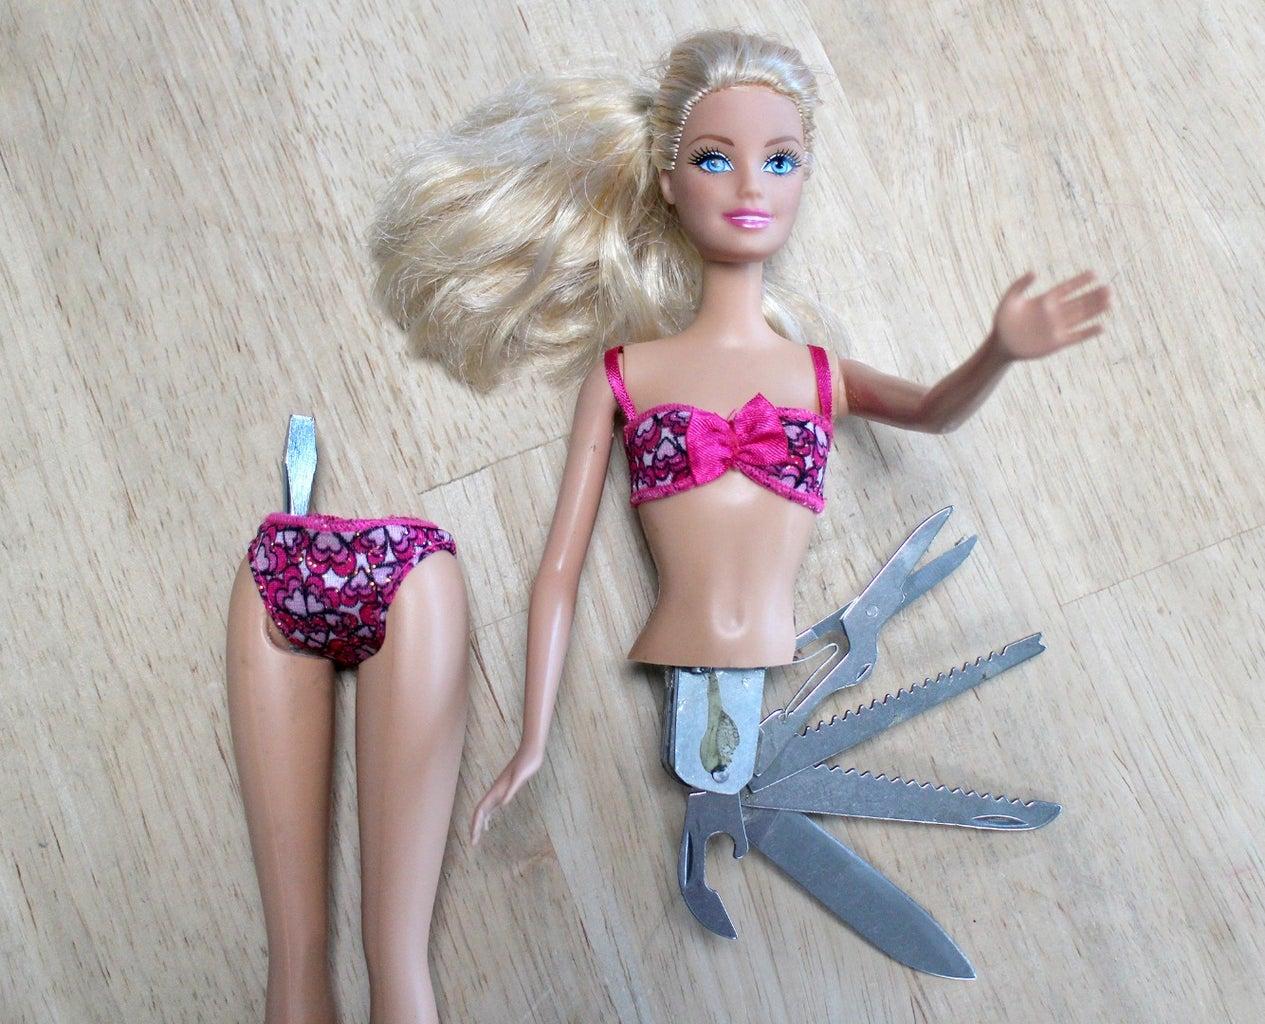 Go Barbie, Go!